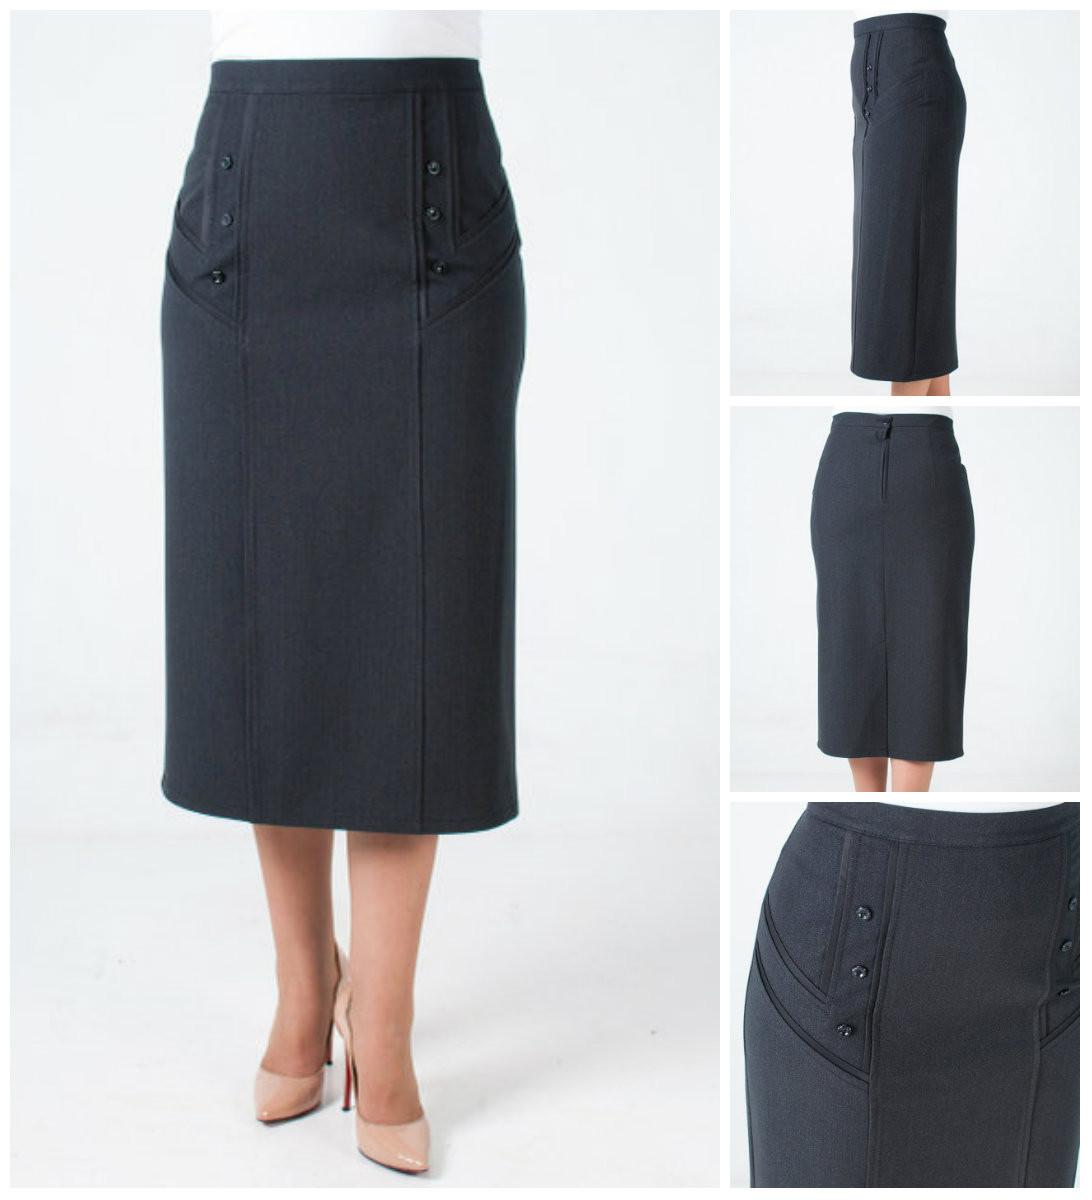 Женская юбка за колено из костюмной ткани Анжелика батального размера. 64-70